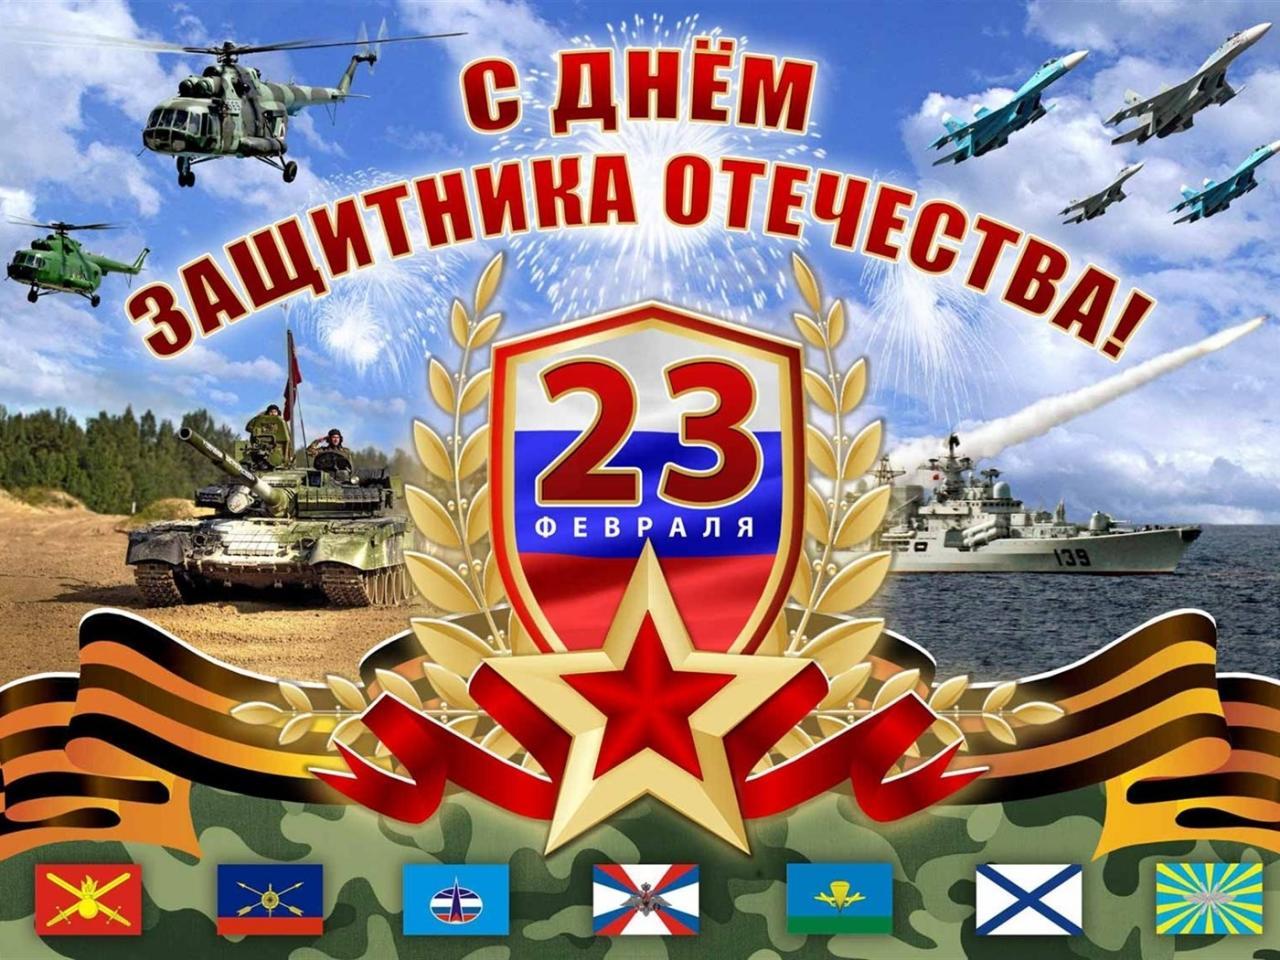 Картинка к дню защитника отечества